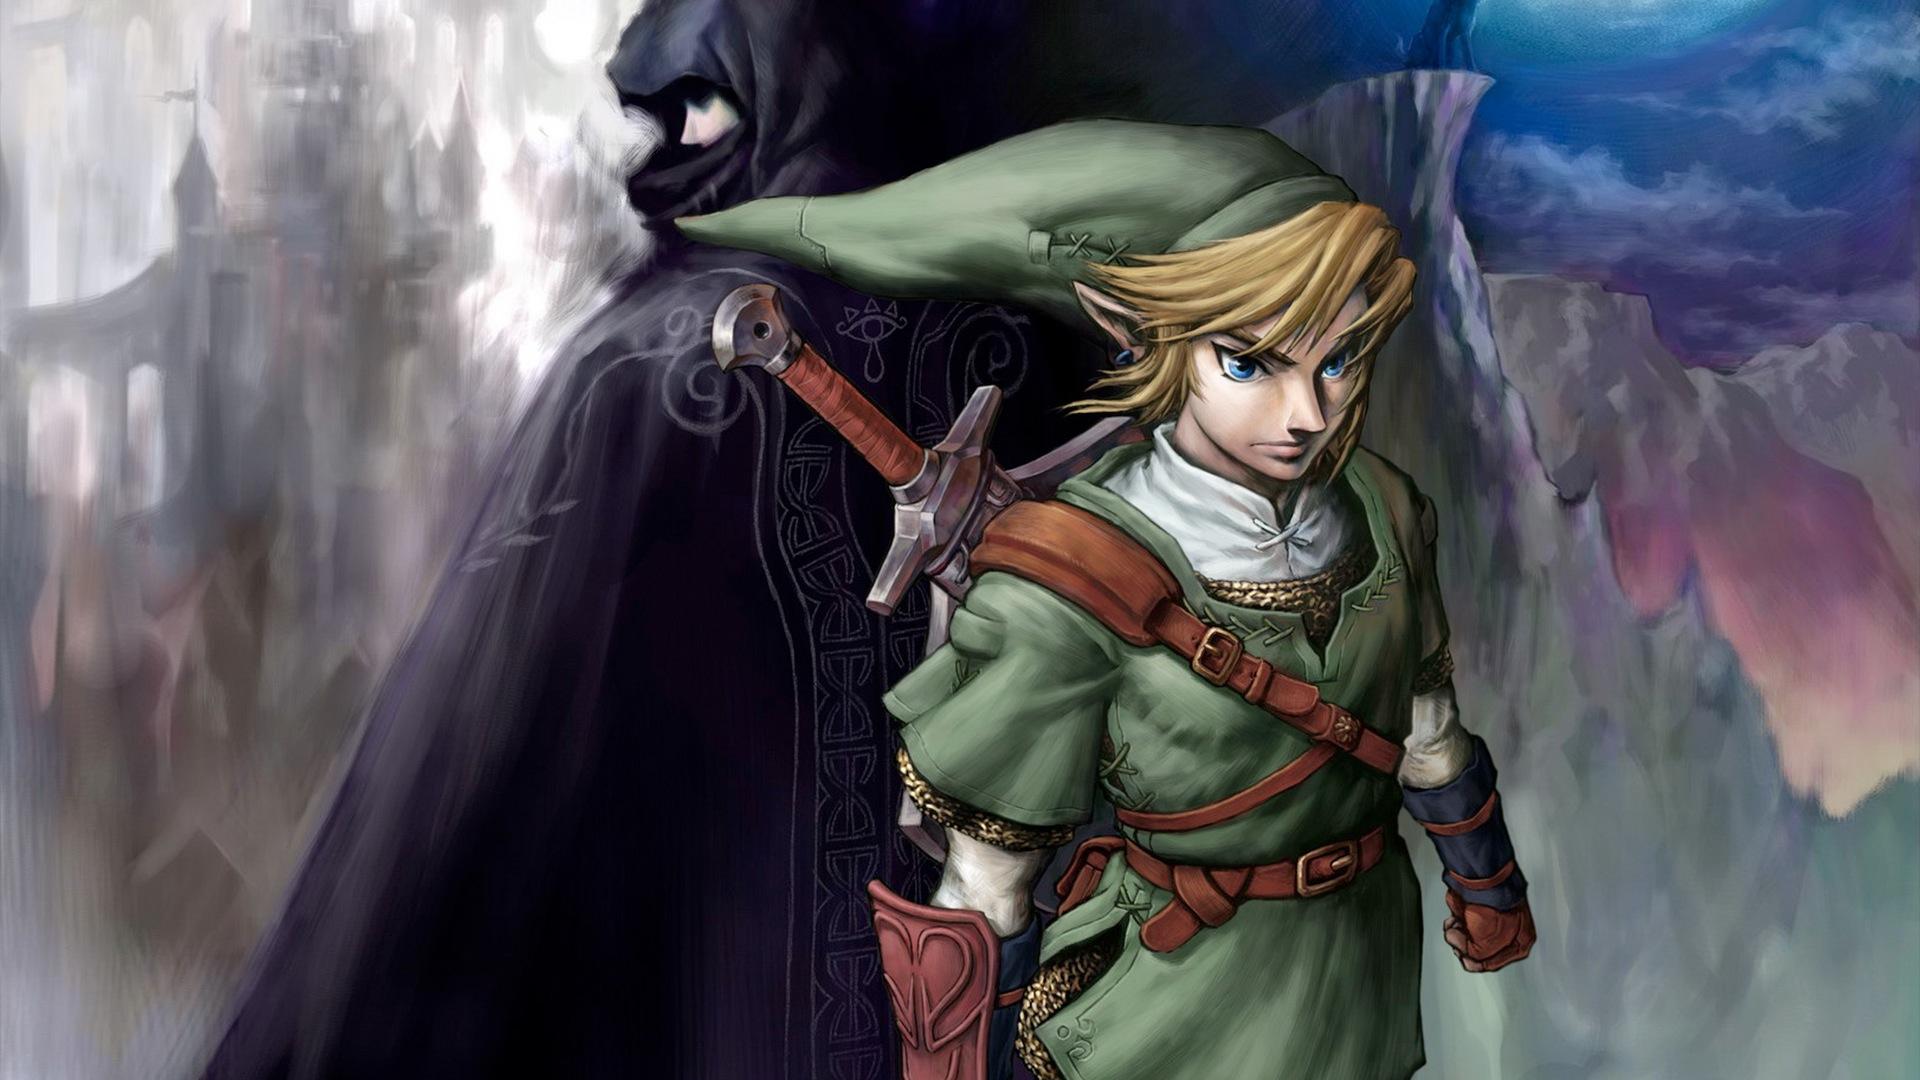 Zelda 4K Wallpaper - WallpaperSafari